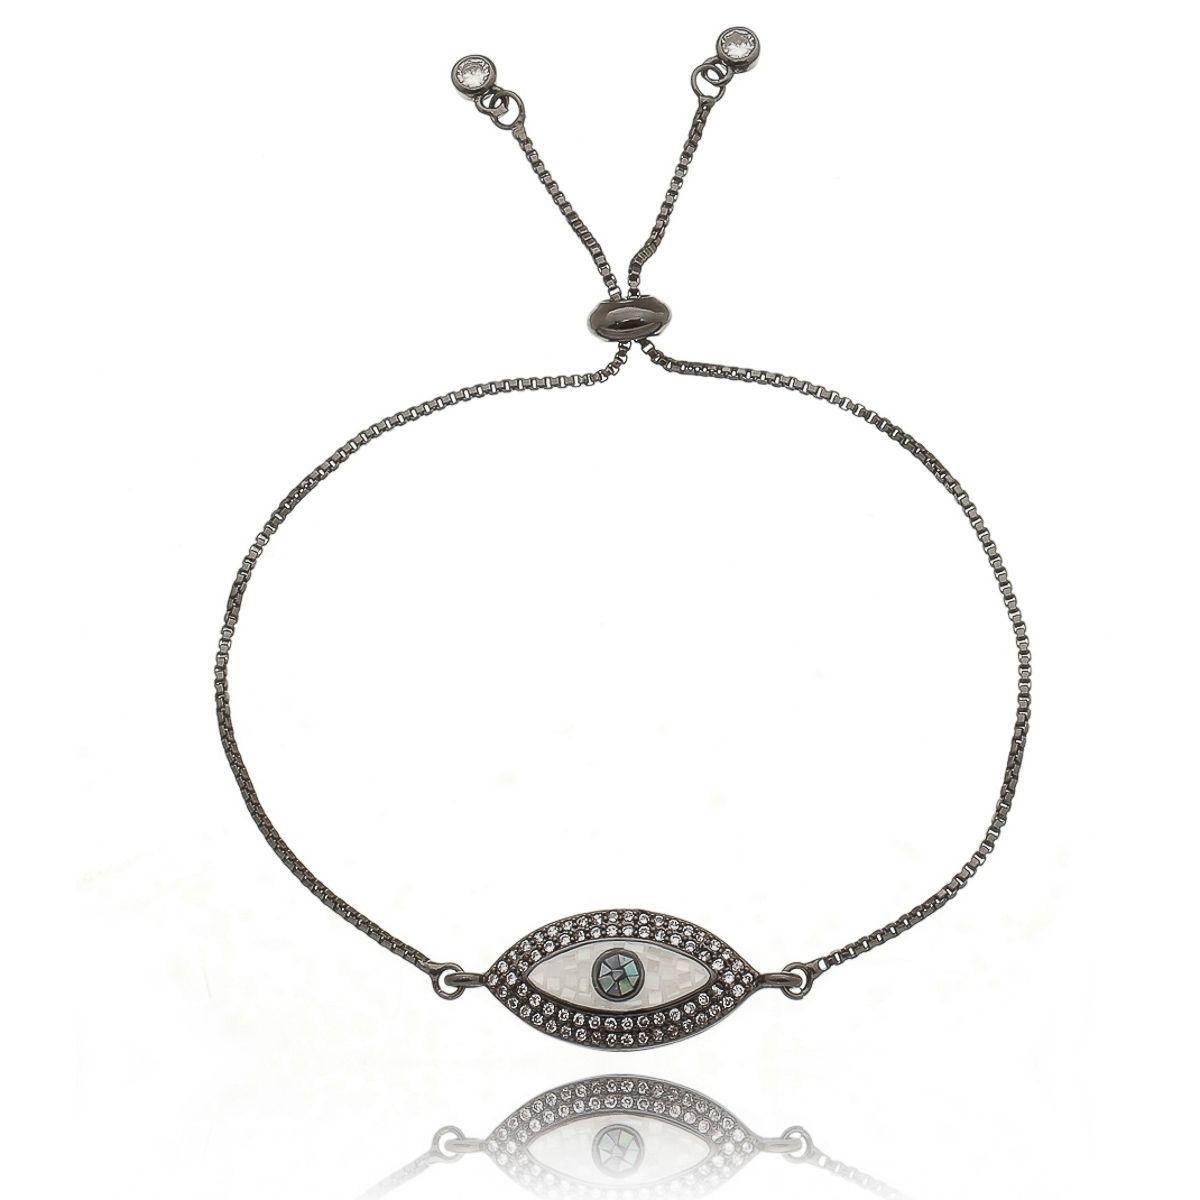 Pulseira Olho Grego Ajustável Madrepérola e Zircônia Branca Semijoia Luxo em Ródio Negro  - Soloyou